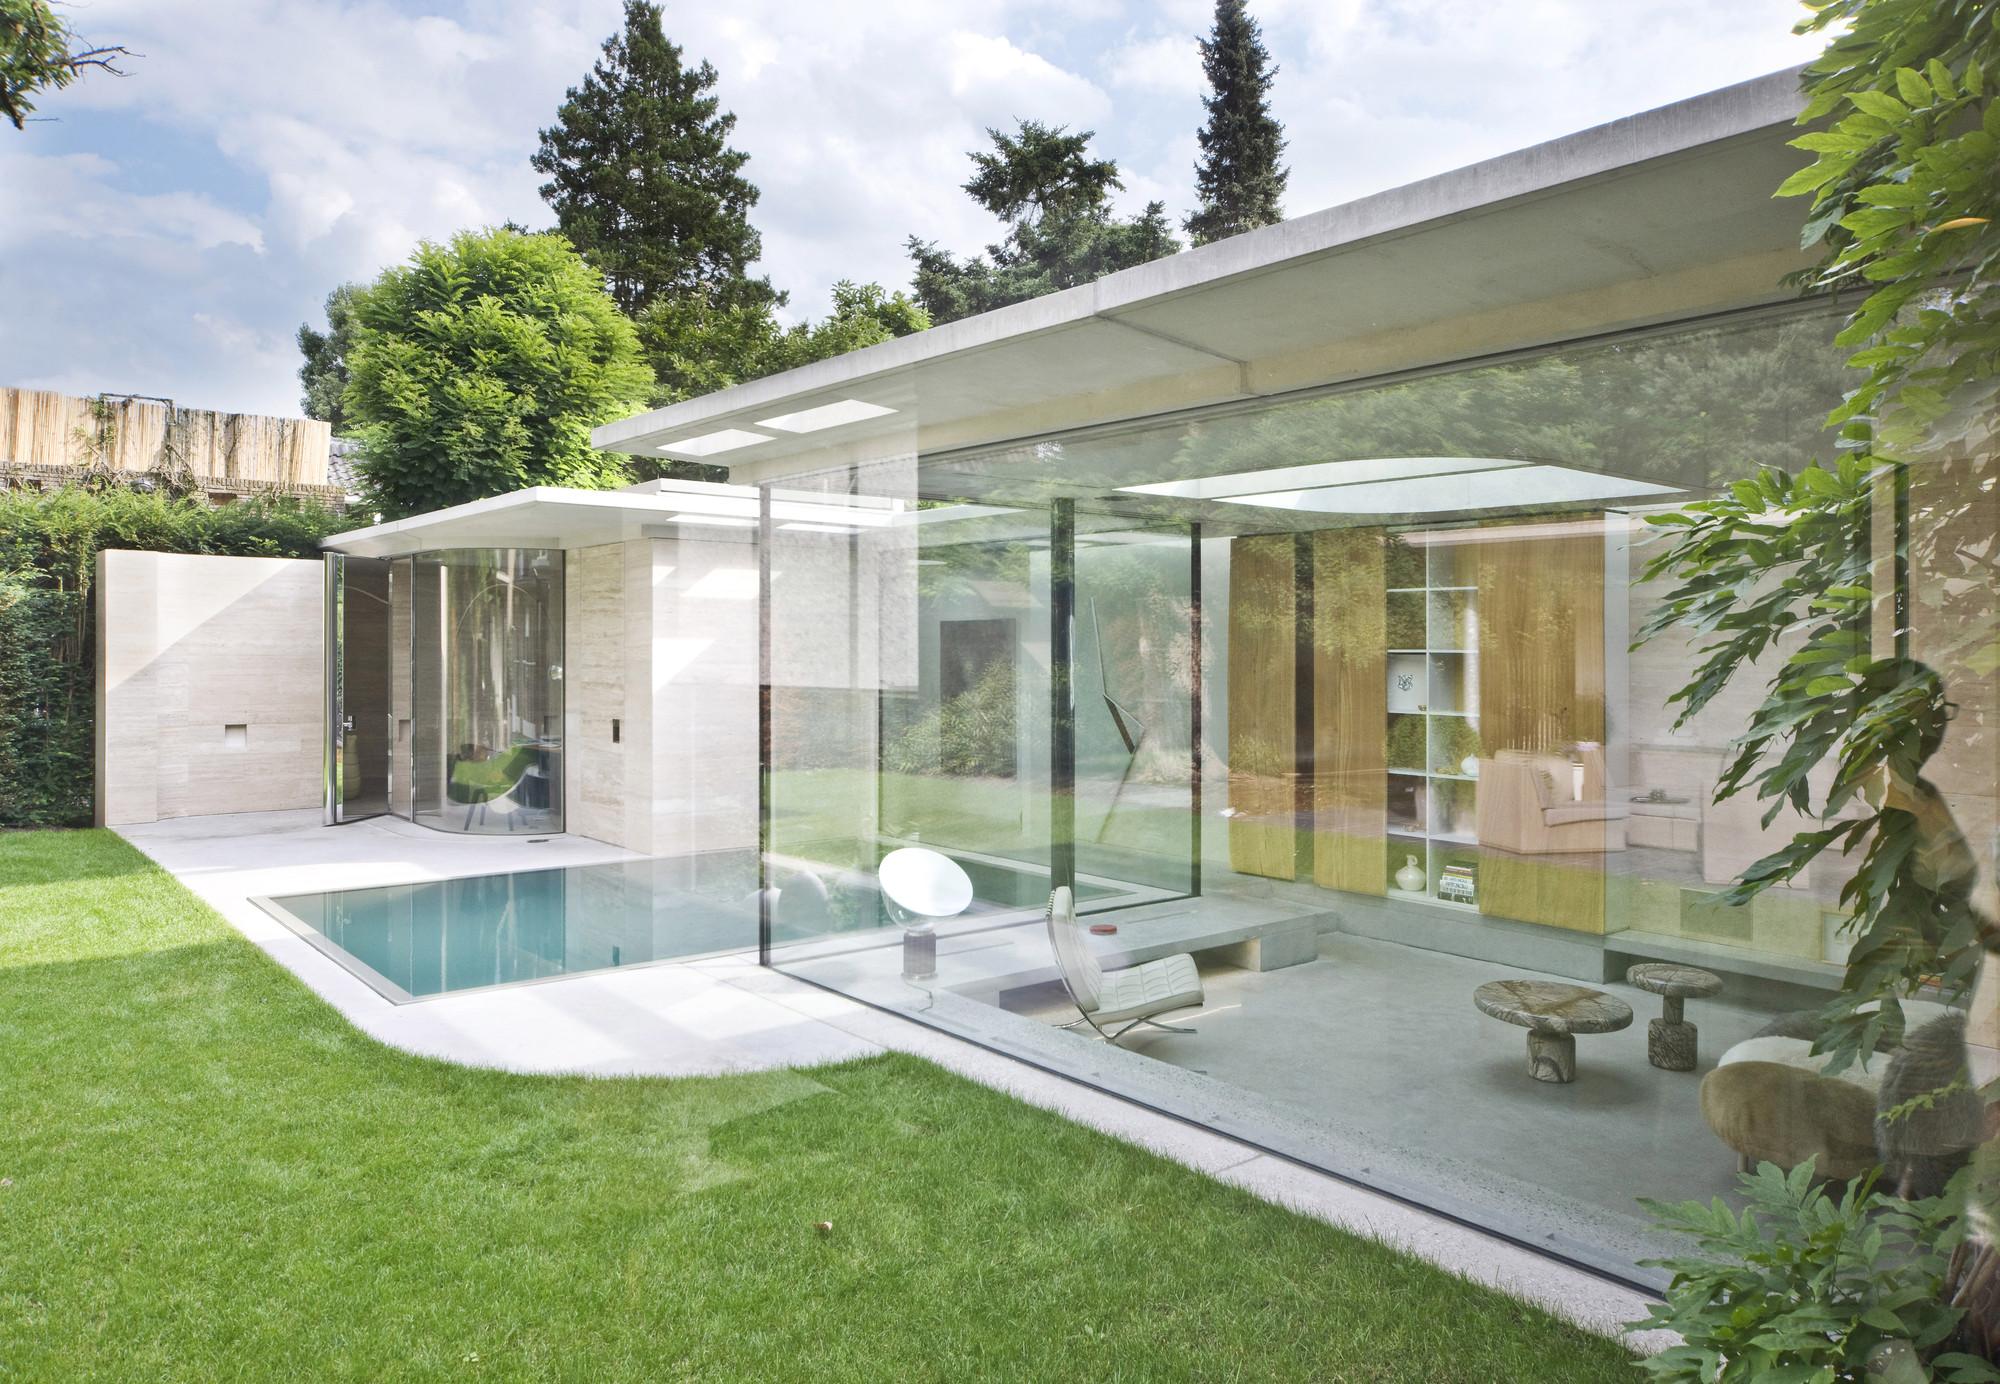 New Concrete House Wespi De Meuron Archdaily